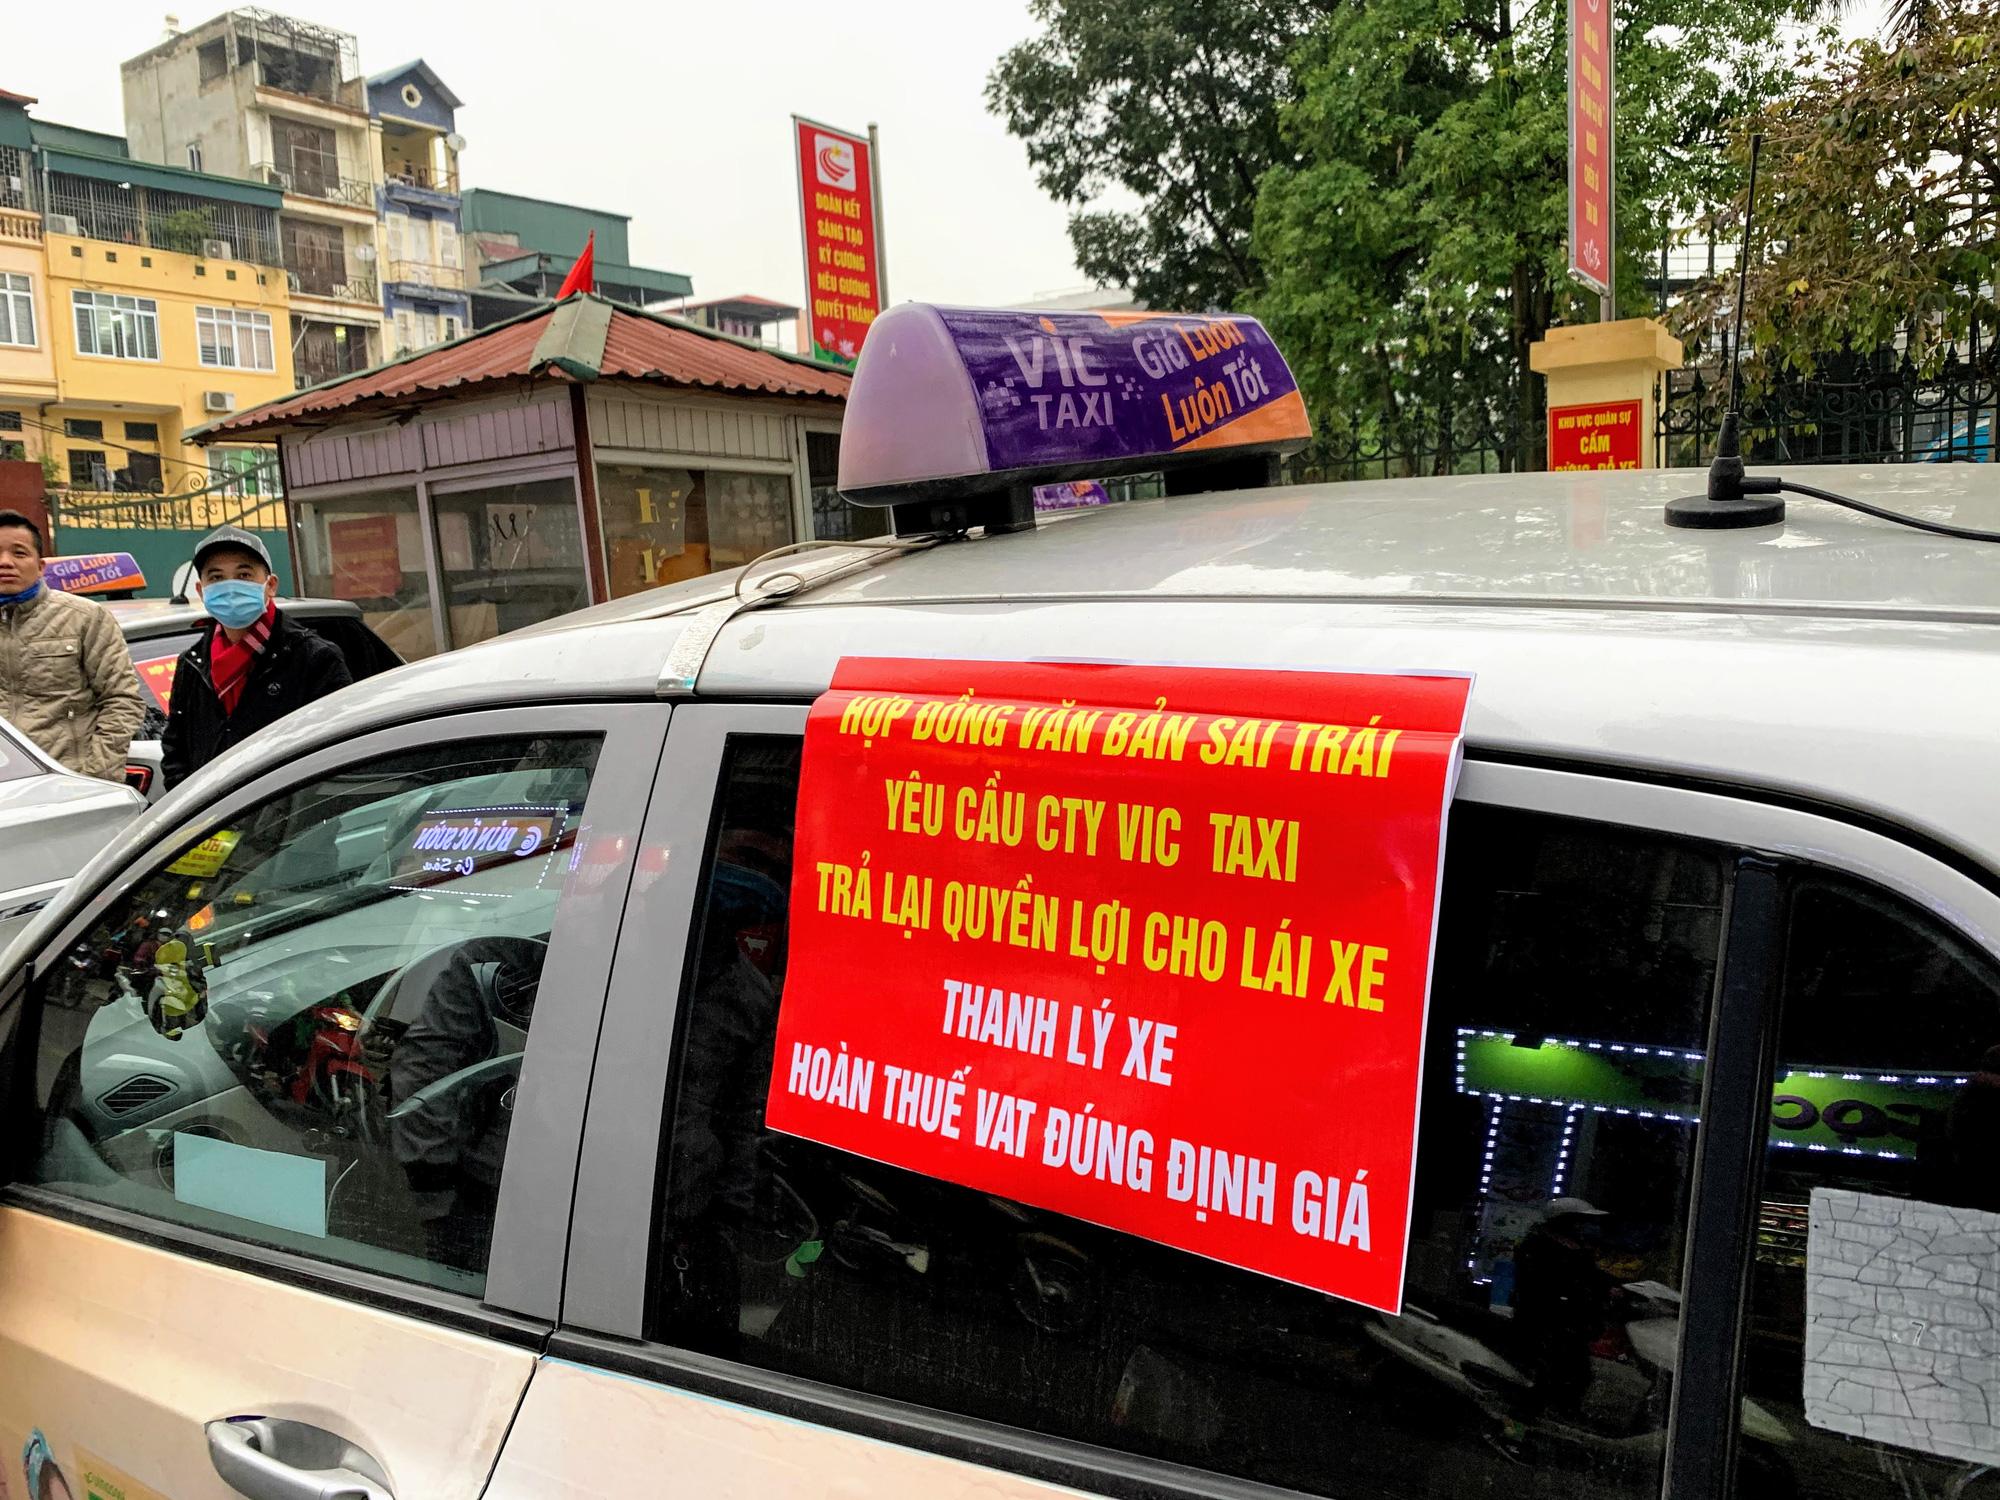 Hàng trăm tài xế Taxi Vic vây ráp trụ sở chính tại Hà Nội, căng biển 'đòi xe' - Ảnh 4.